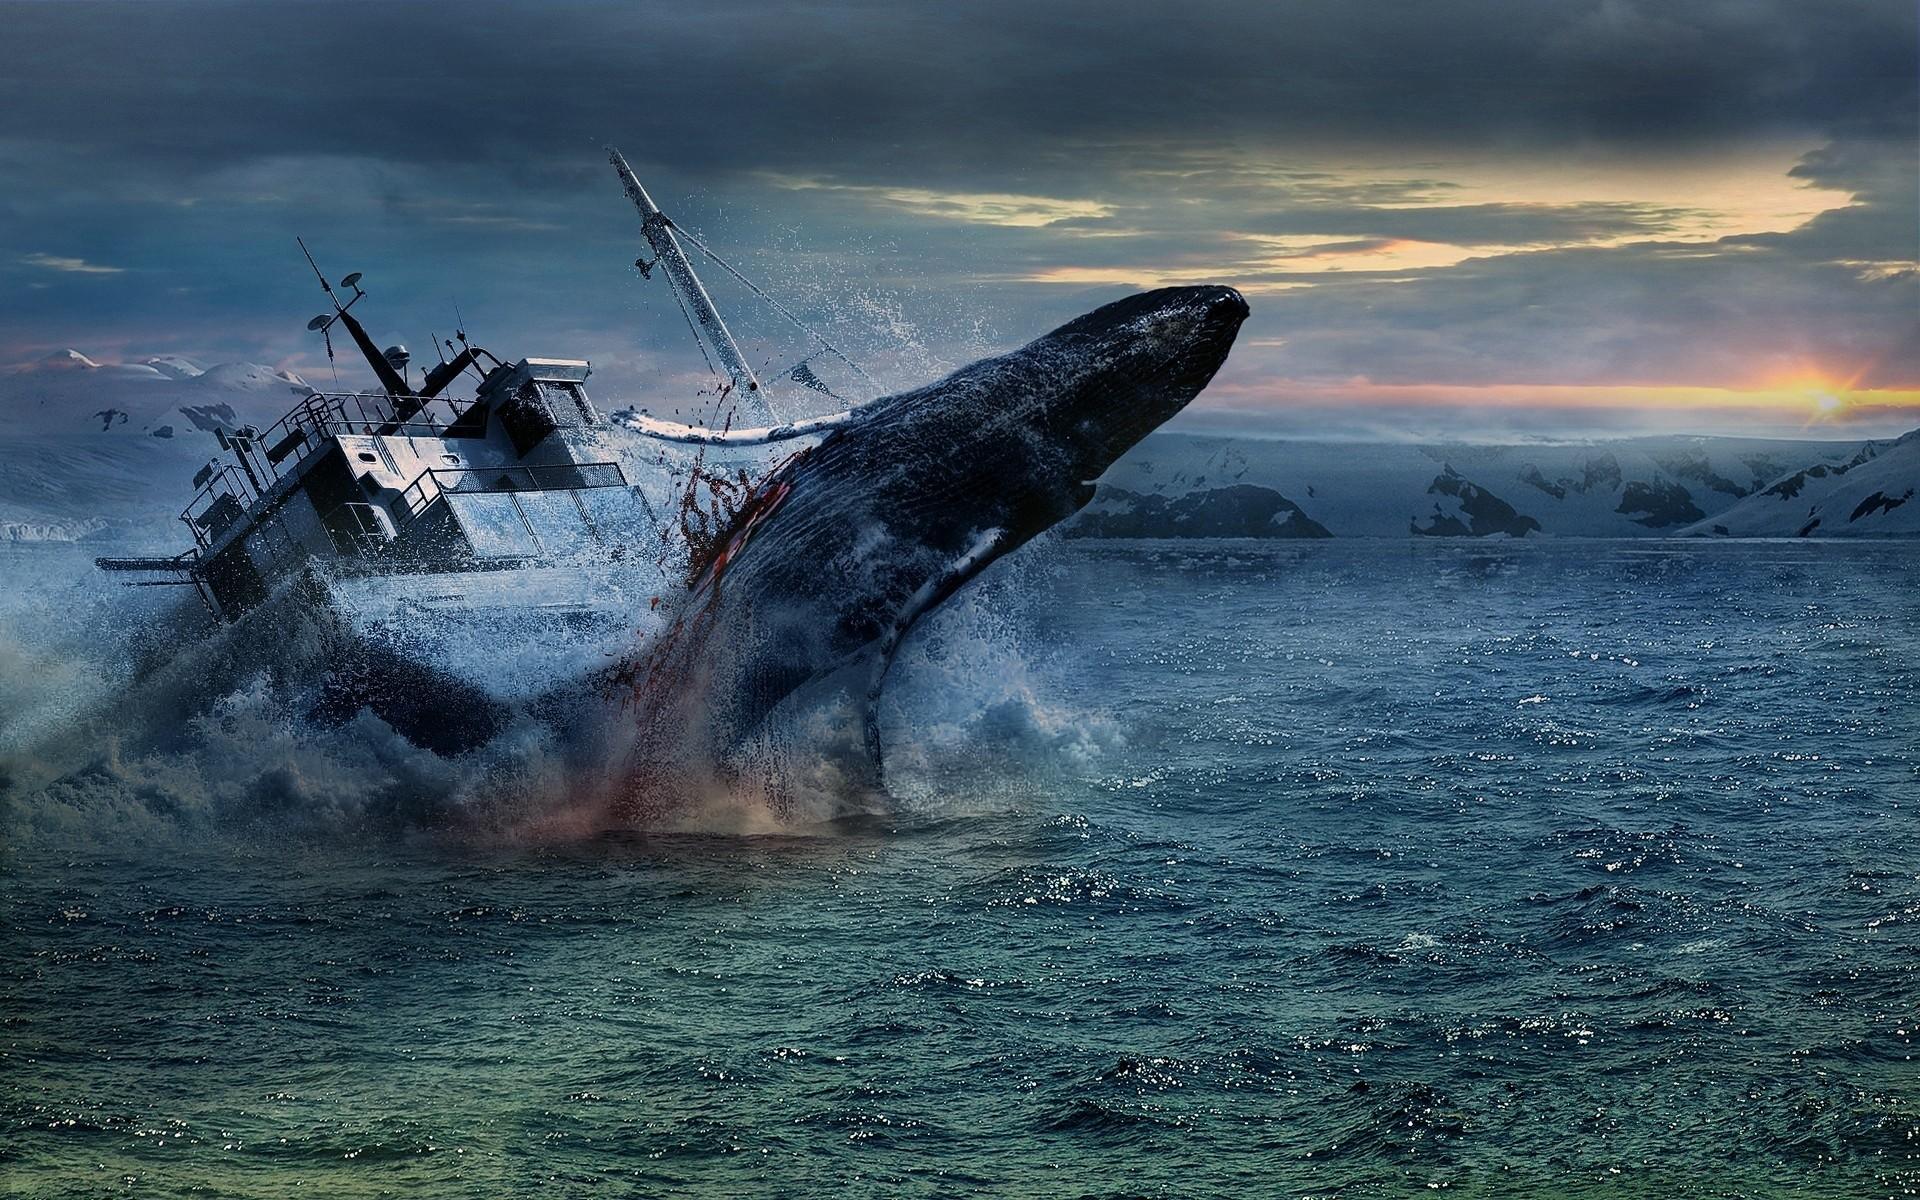 Res: 1920x1200, Shipwreck Wallpaper